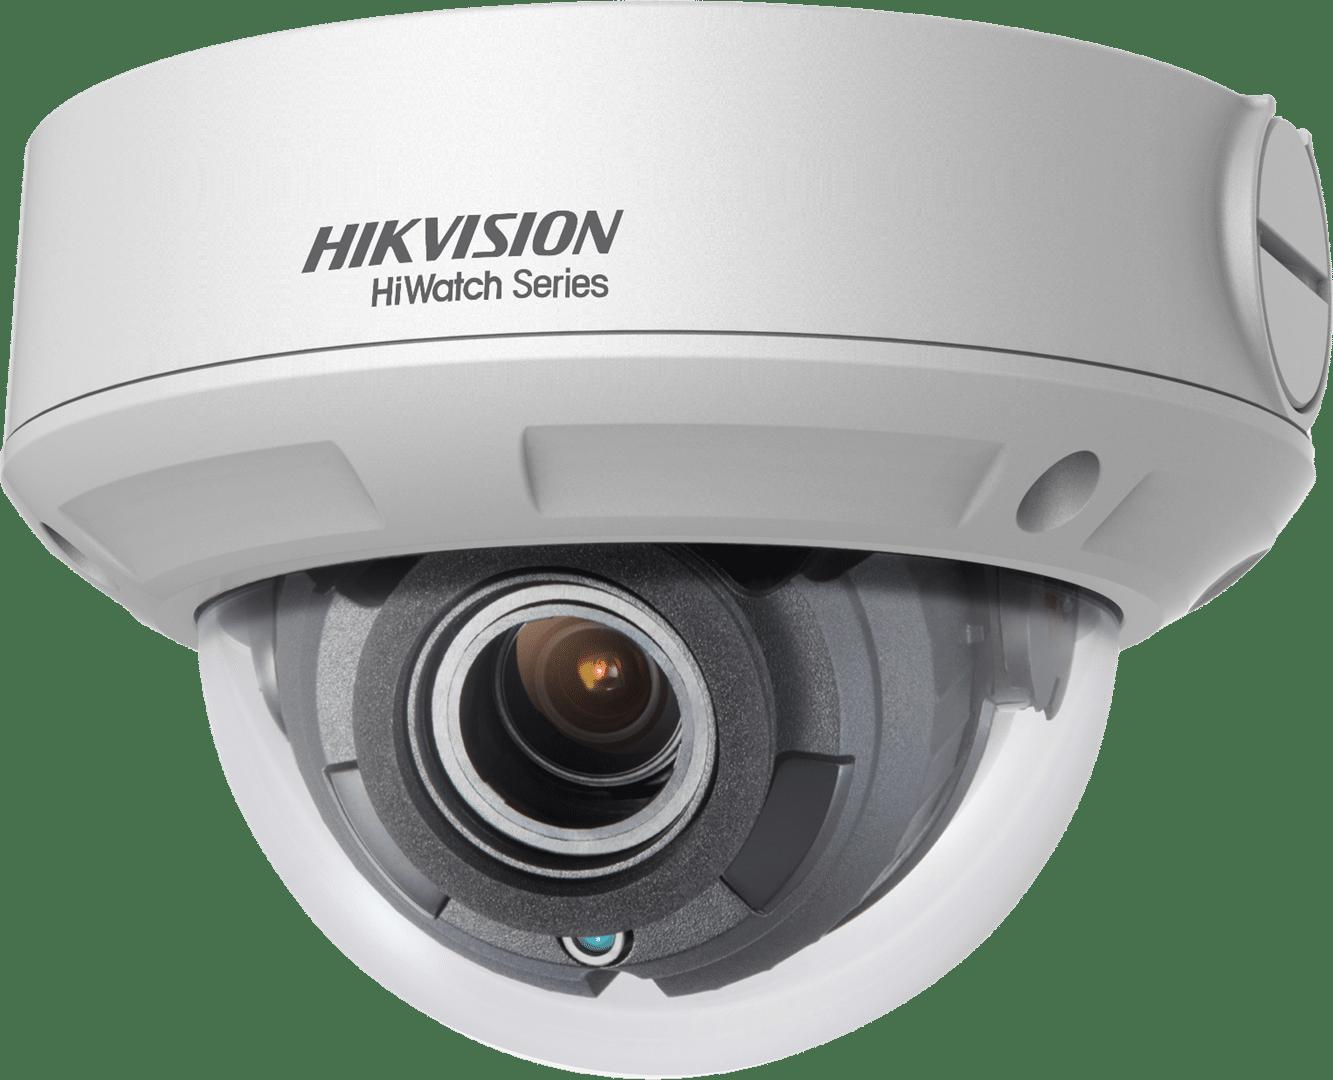 Hikvision HiWatch HWI-D620H-V kamera